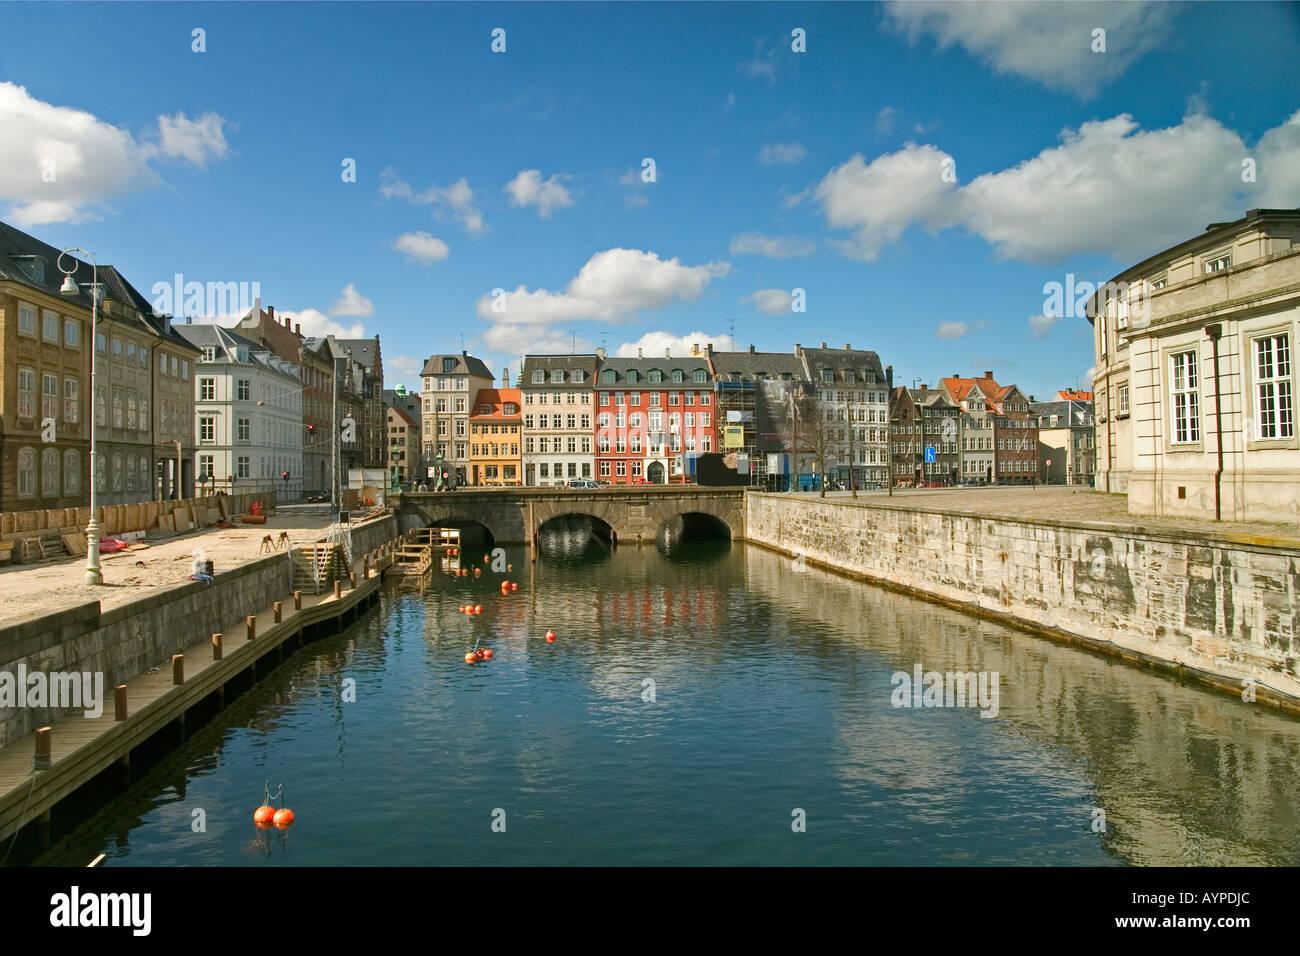 Frederiksholms Kanal Copenhagen Denmark - Stock Image